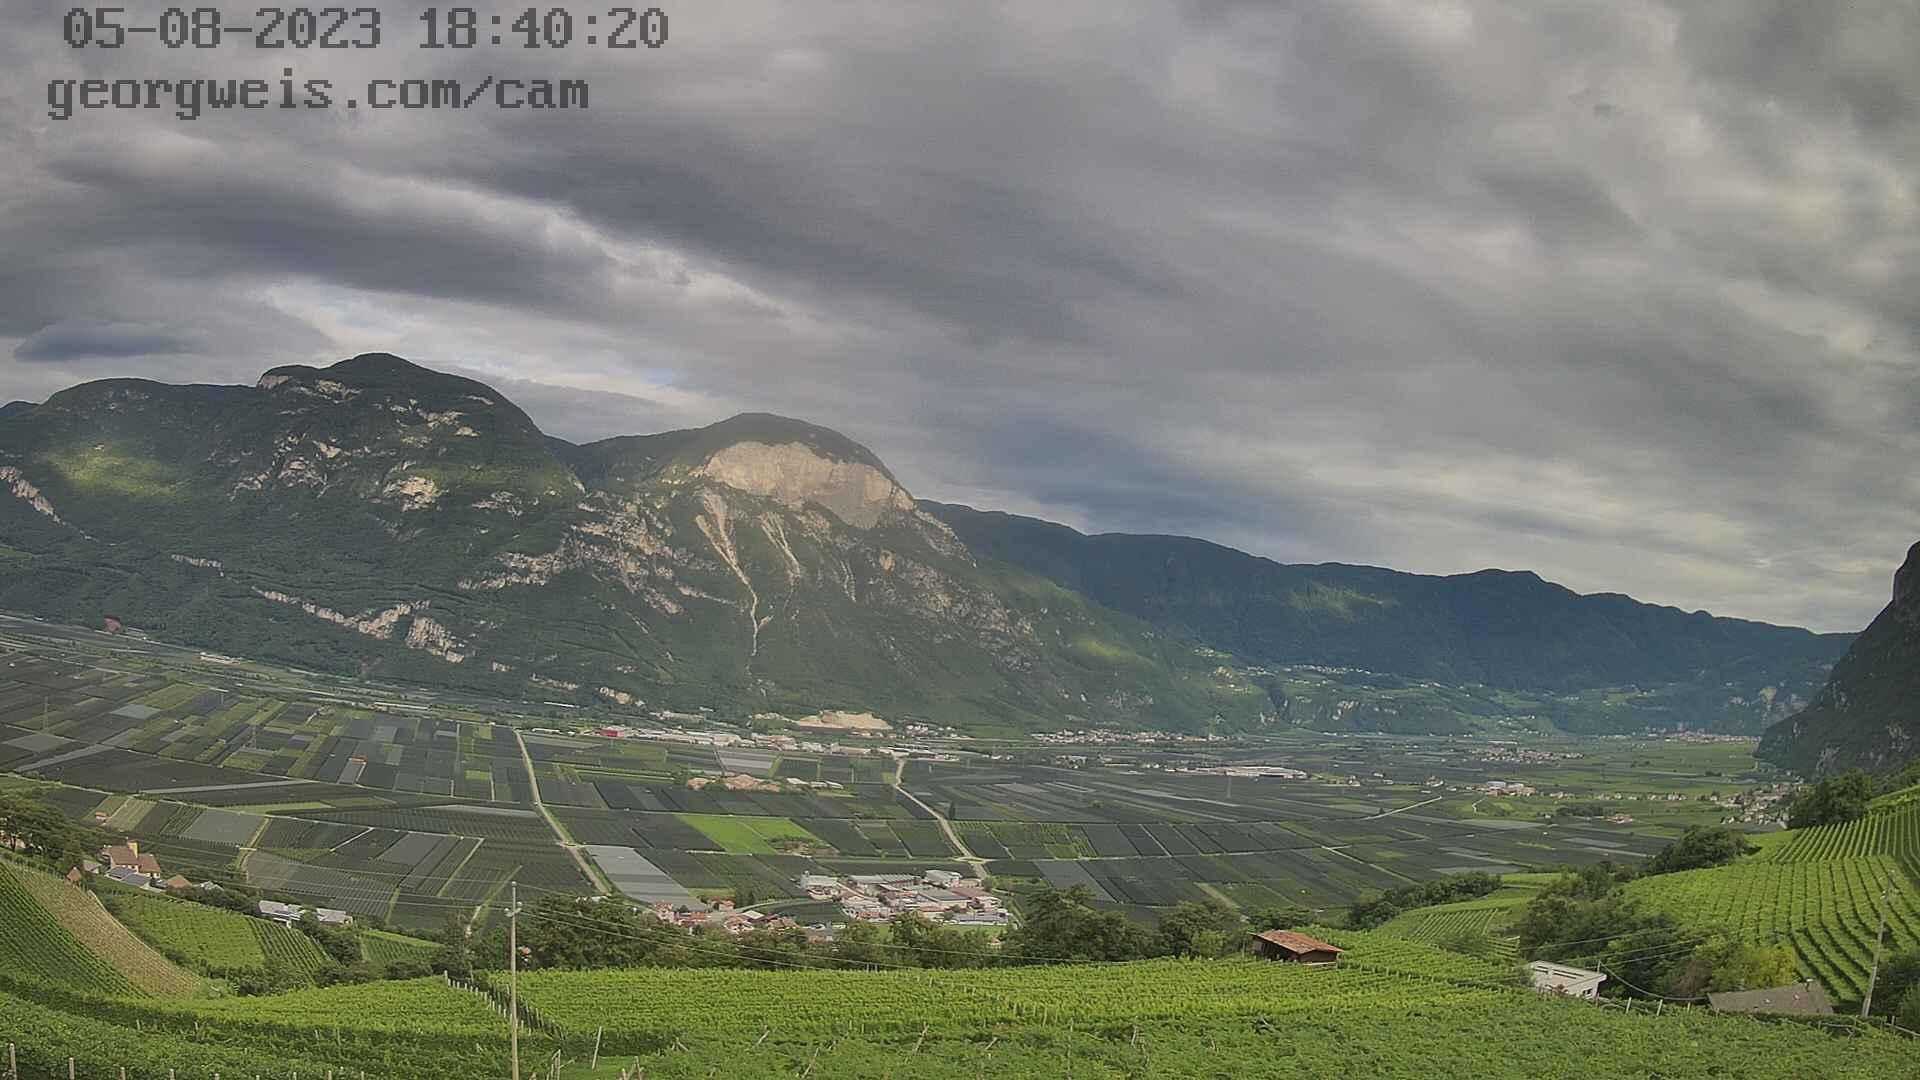 die Webcam zeigt den südlichsten Teil vom Südtiroler Unterland, mit den Ortschaften St. Florian, Laag, Kurtinig, Margreid, Salurn und Buchholz. Der Standort ist oberhalb von Kurtatsch, Blickrichtung Osten. Aktualisierung alle 10 Minuten.